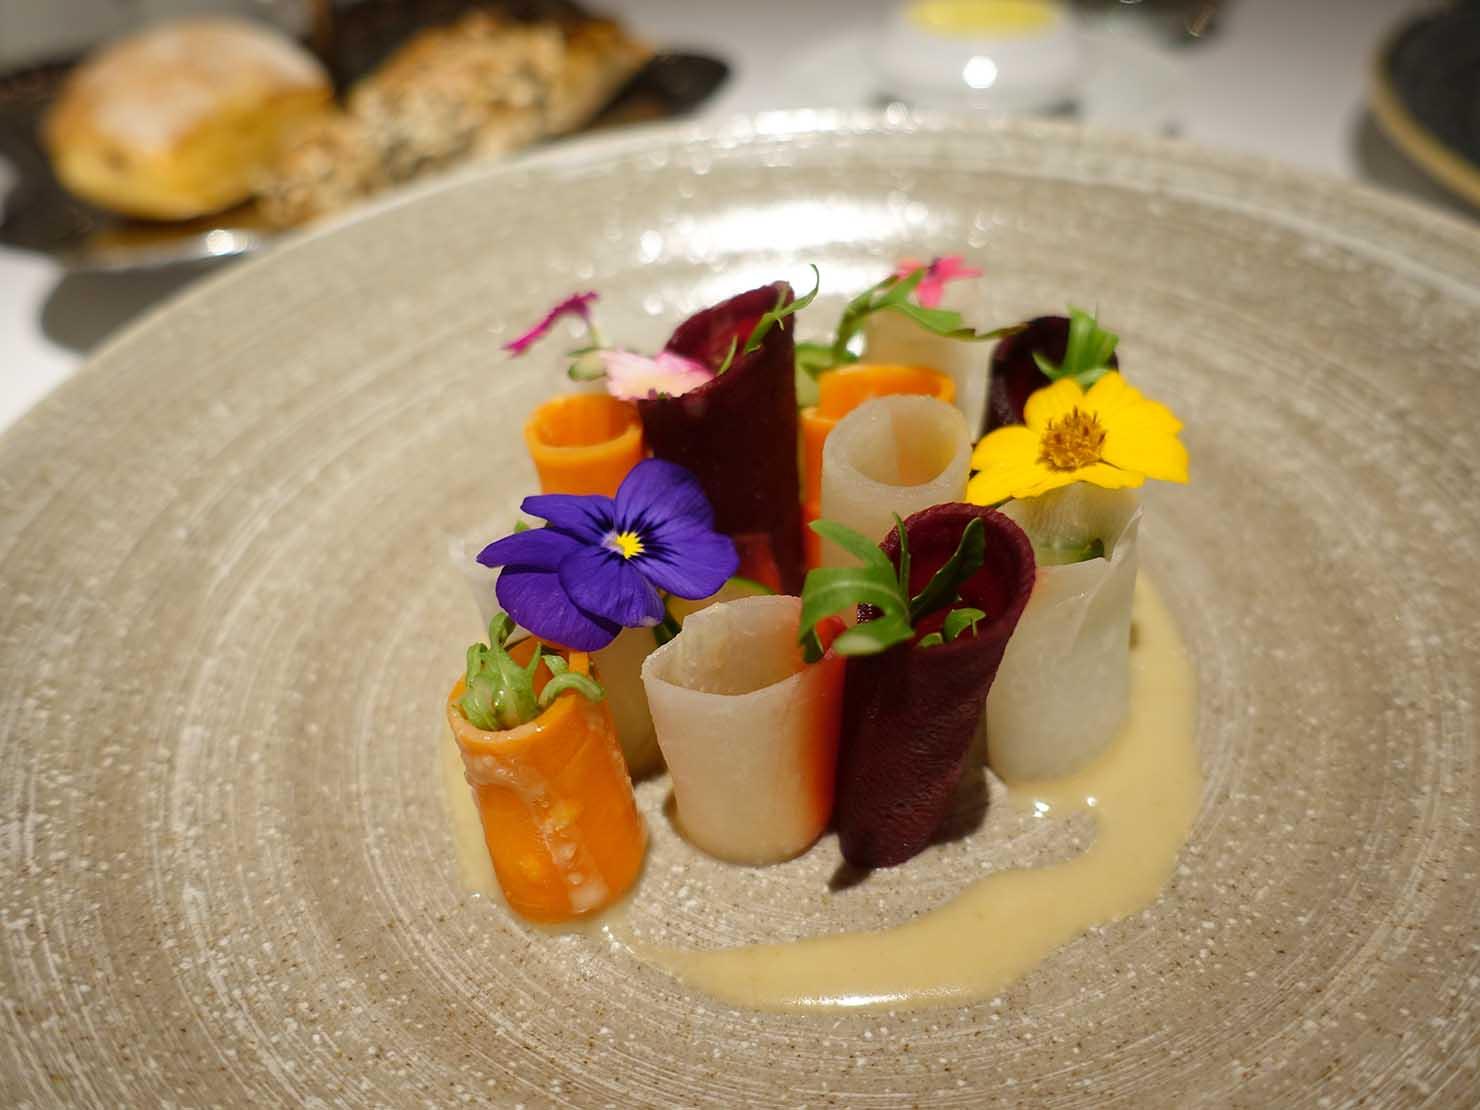 台北の4つ星ホテルにあるステーキハウス「地中海牛排館」の低溫烹調鮮蔬(低温調理サラダ)